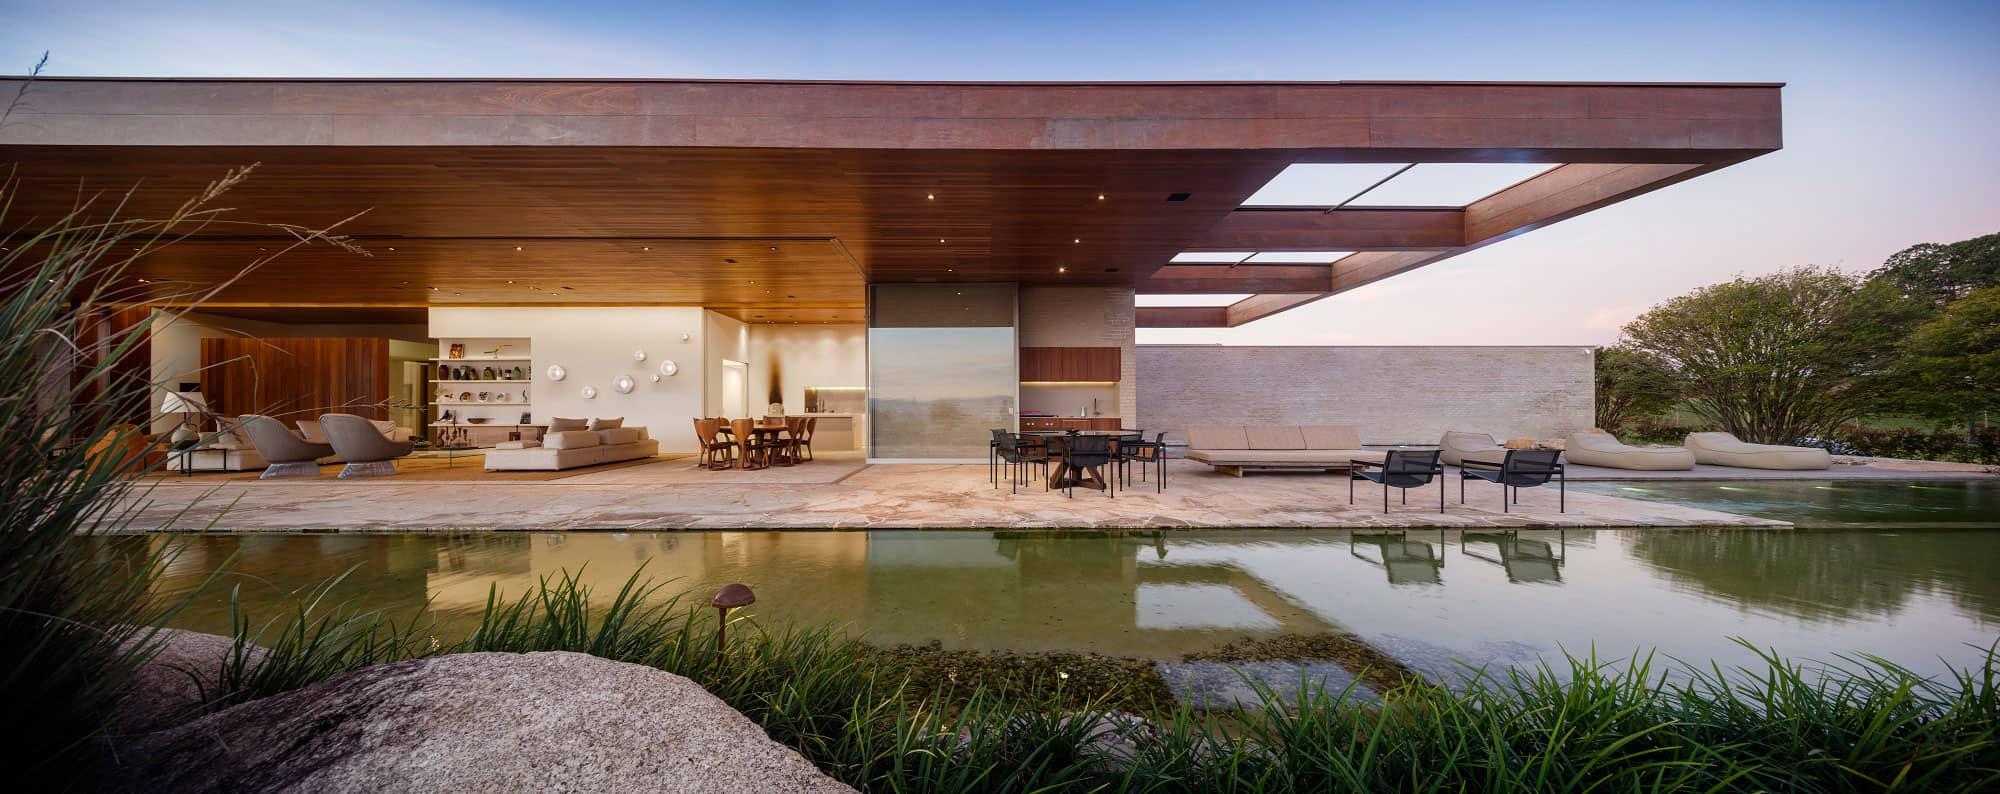 Studio arthur casas designs a contemporary house in s o for Architecture originale